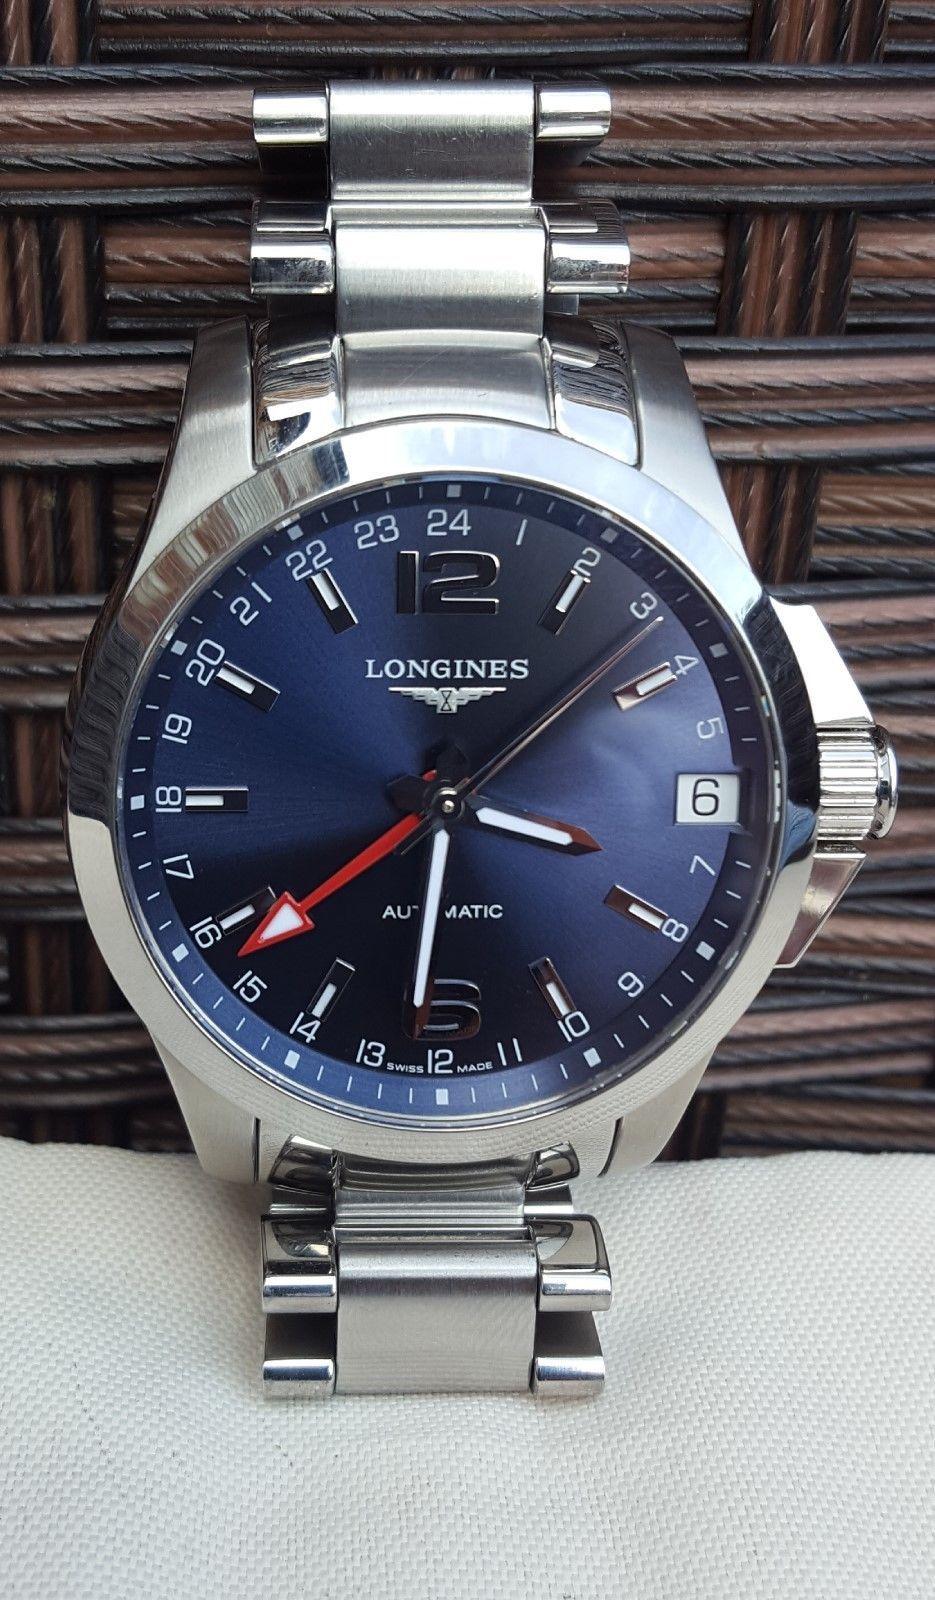 5a6c664d0 Longines Conquest Automatic GMT Men's Watch - Electric Blue Dial ...